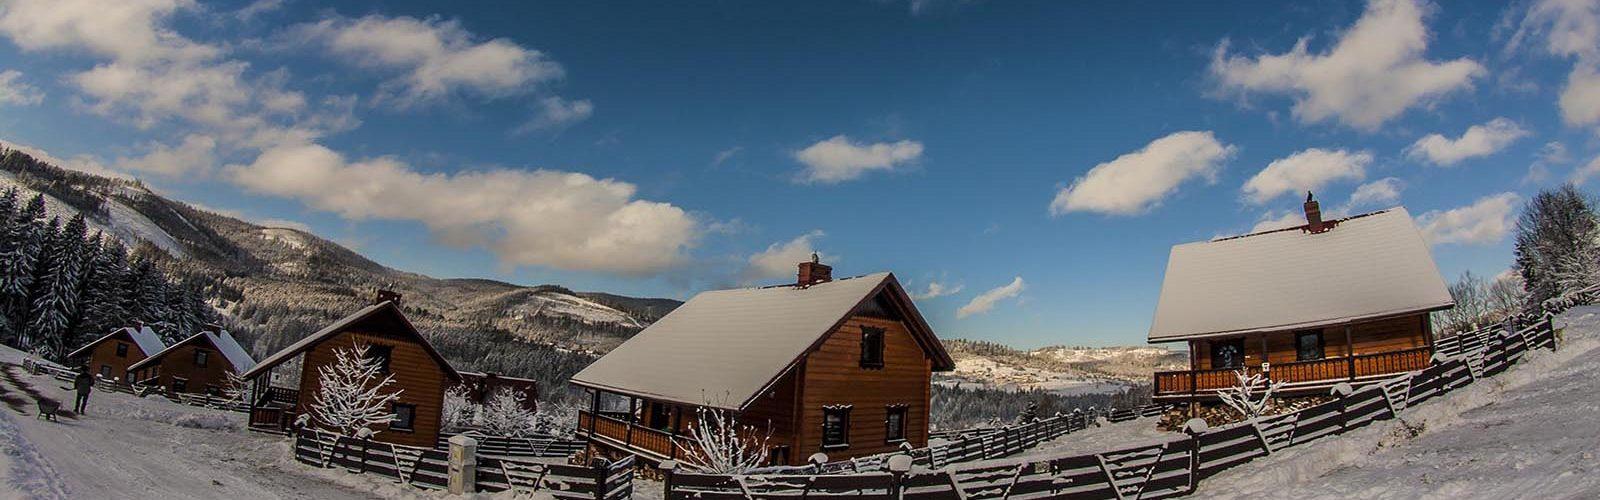 Domki do wynajęcia w górach